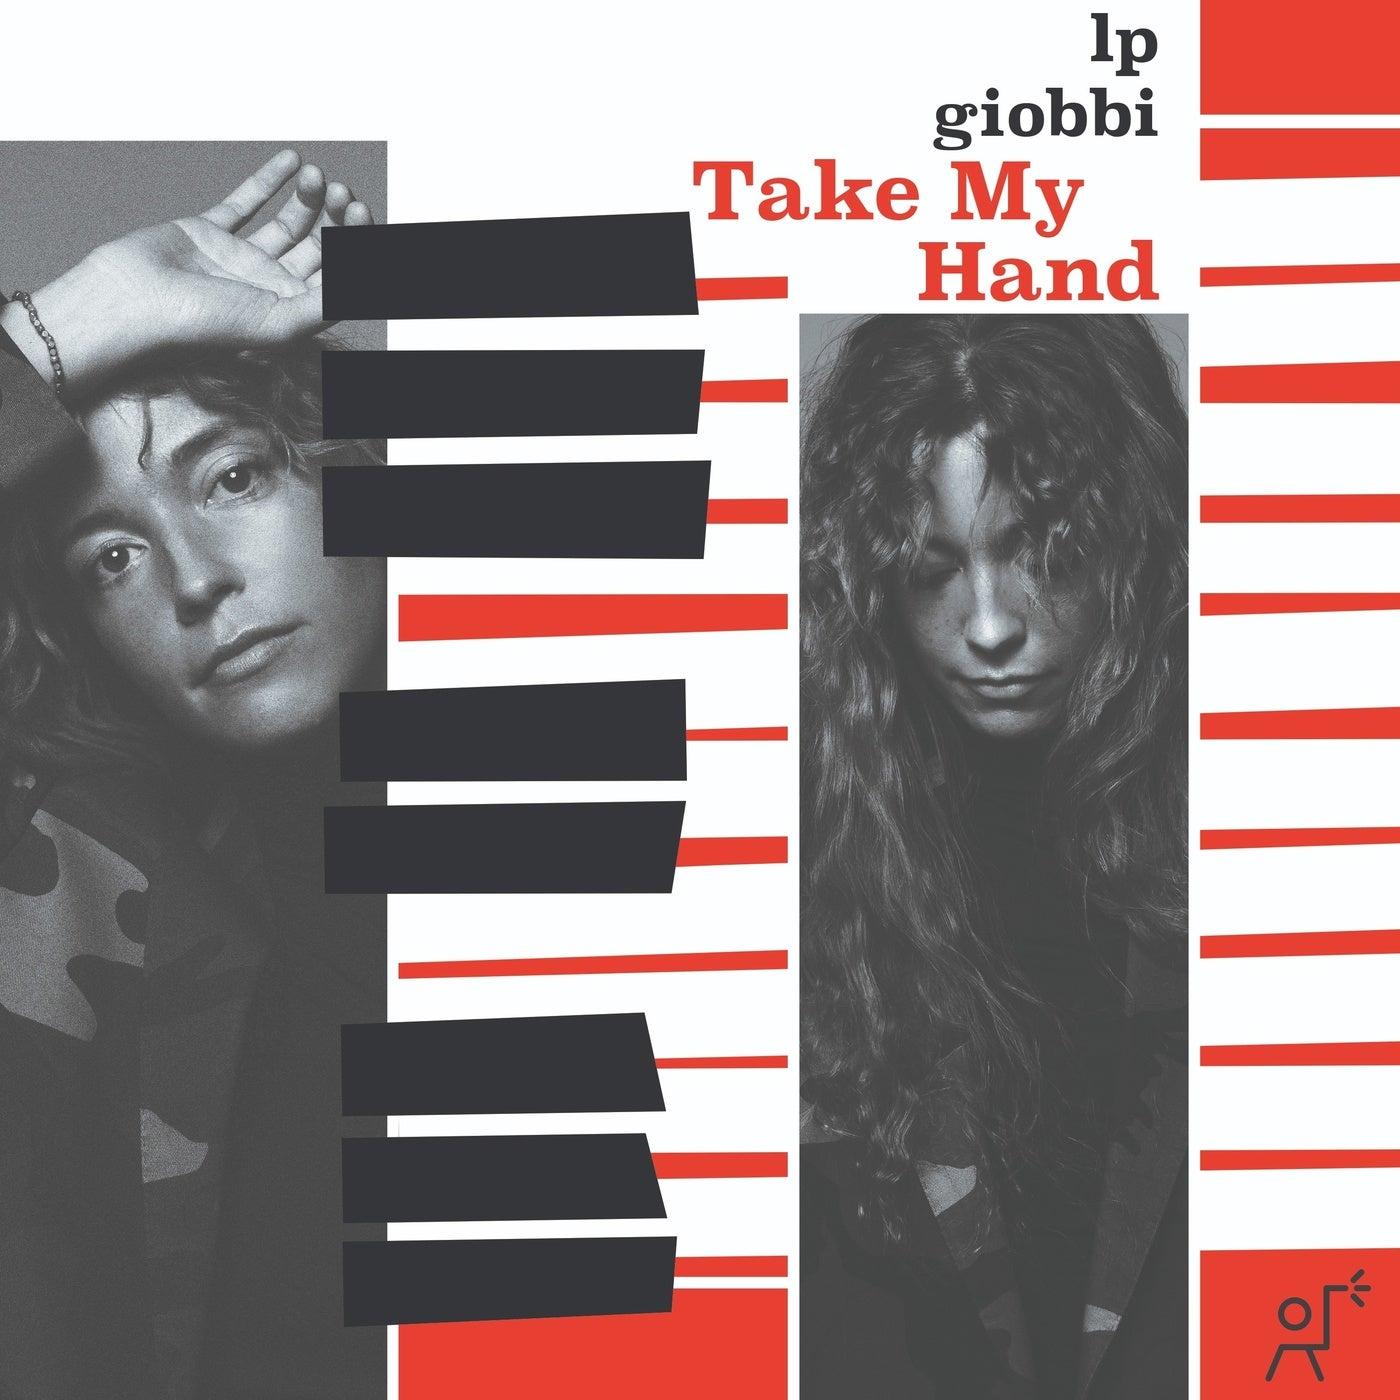 Take My Hand (Original Mix) (Original Mix)